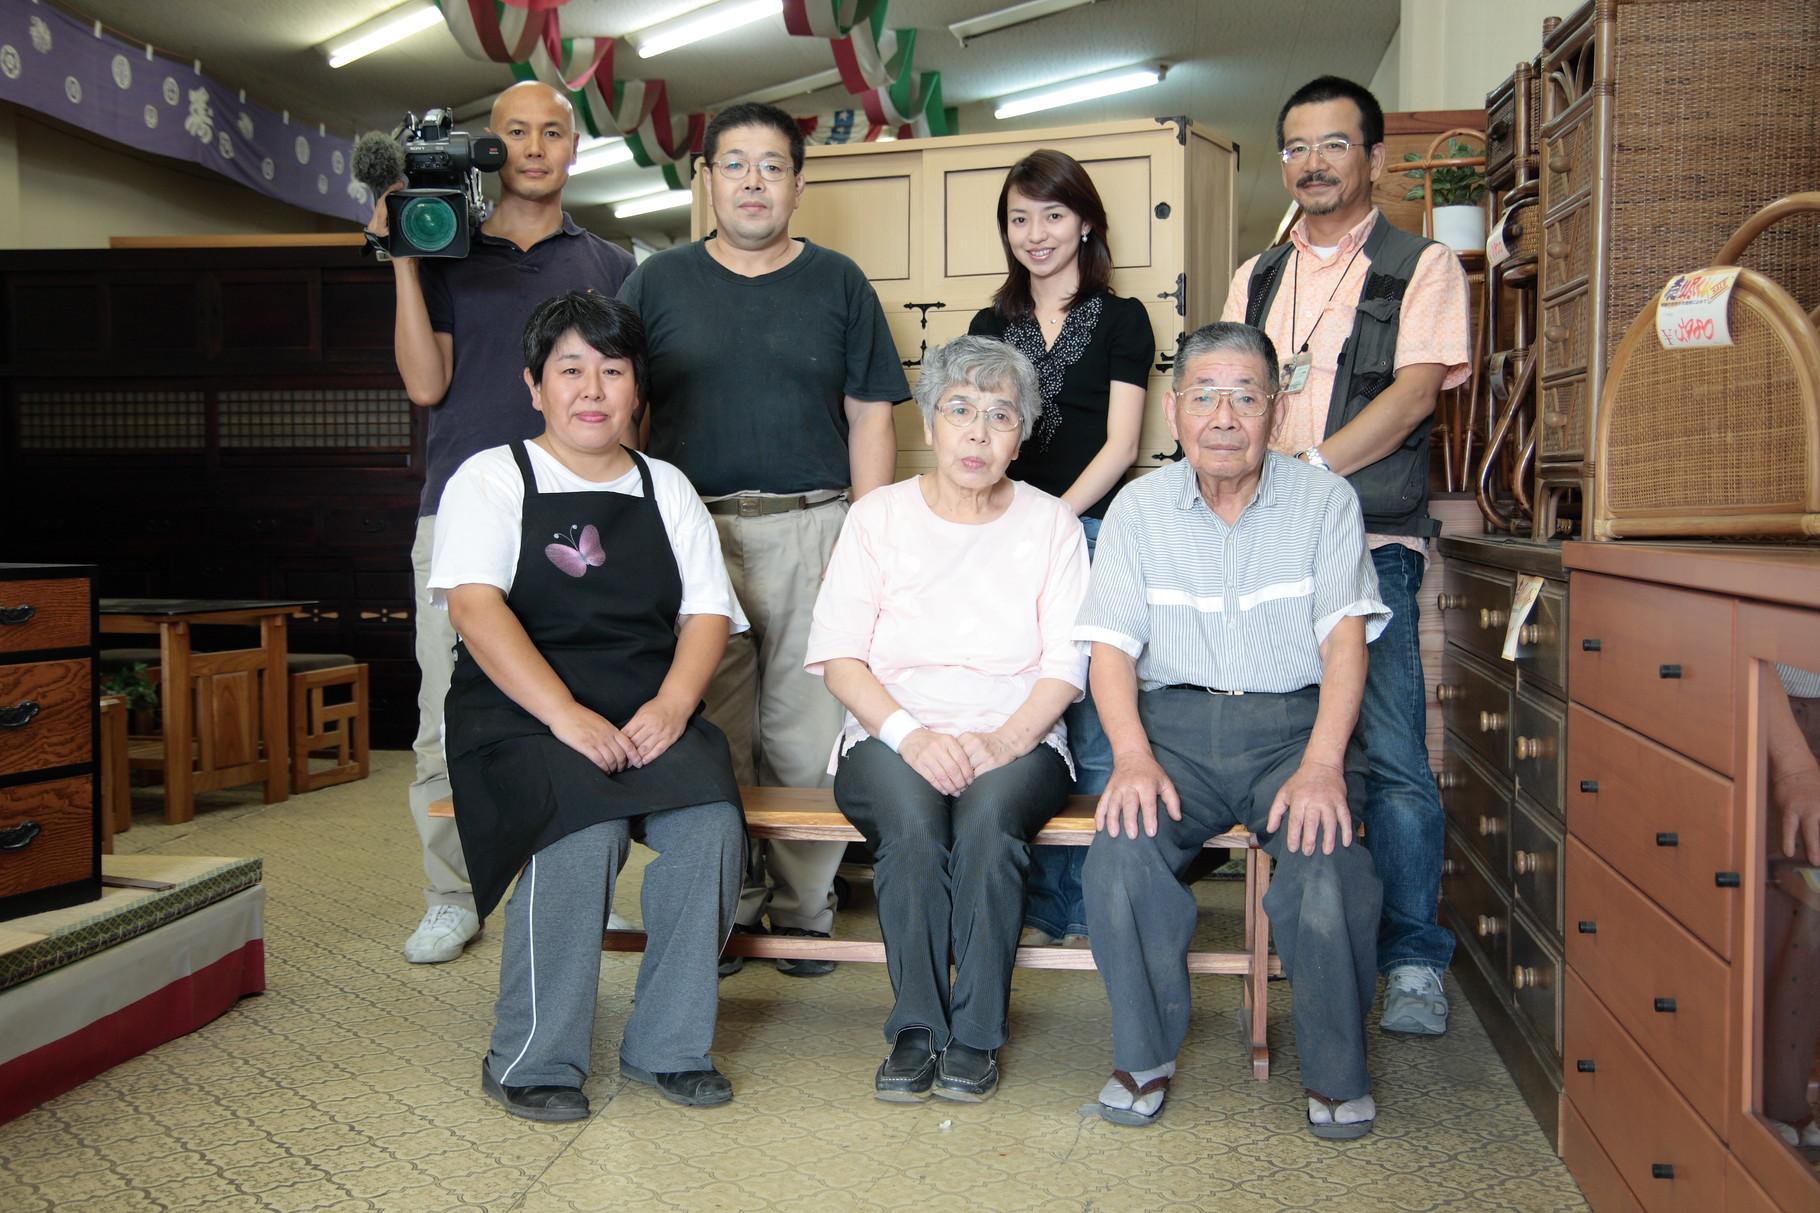 NHK撮影記念写真ですが、3代目の妻、4代目の妻杉山タンスのスタッフです。